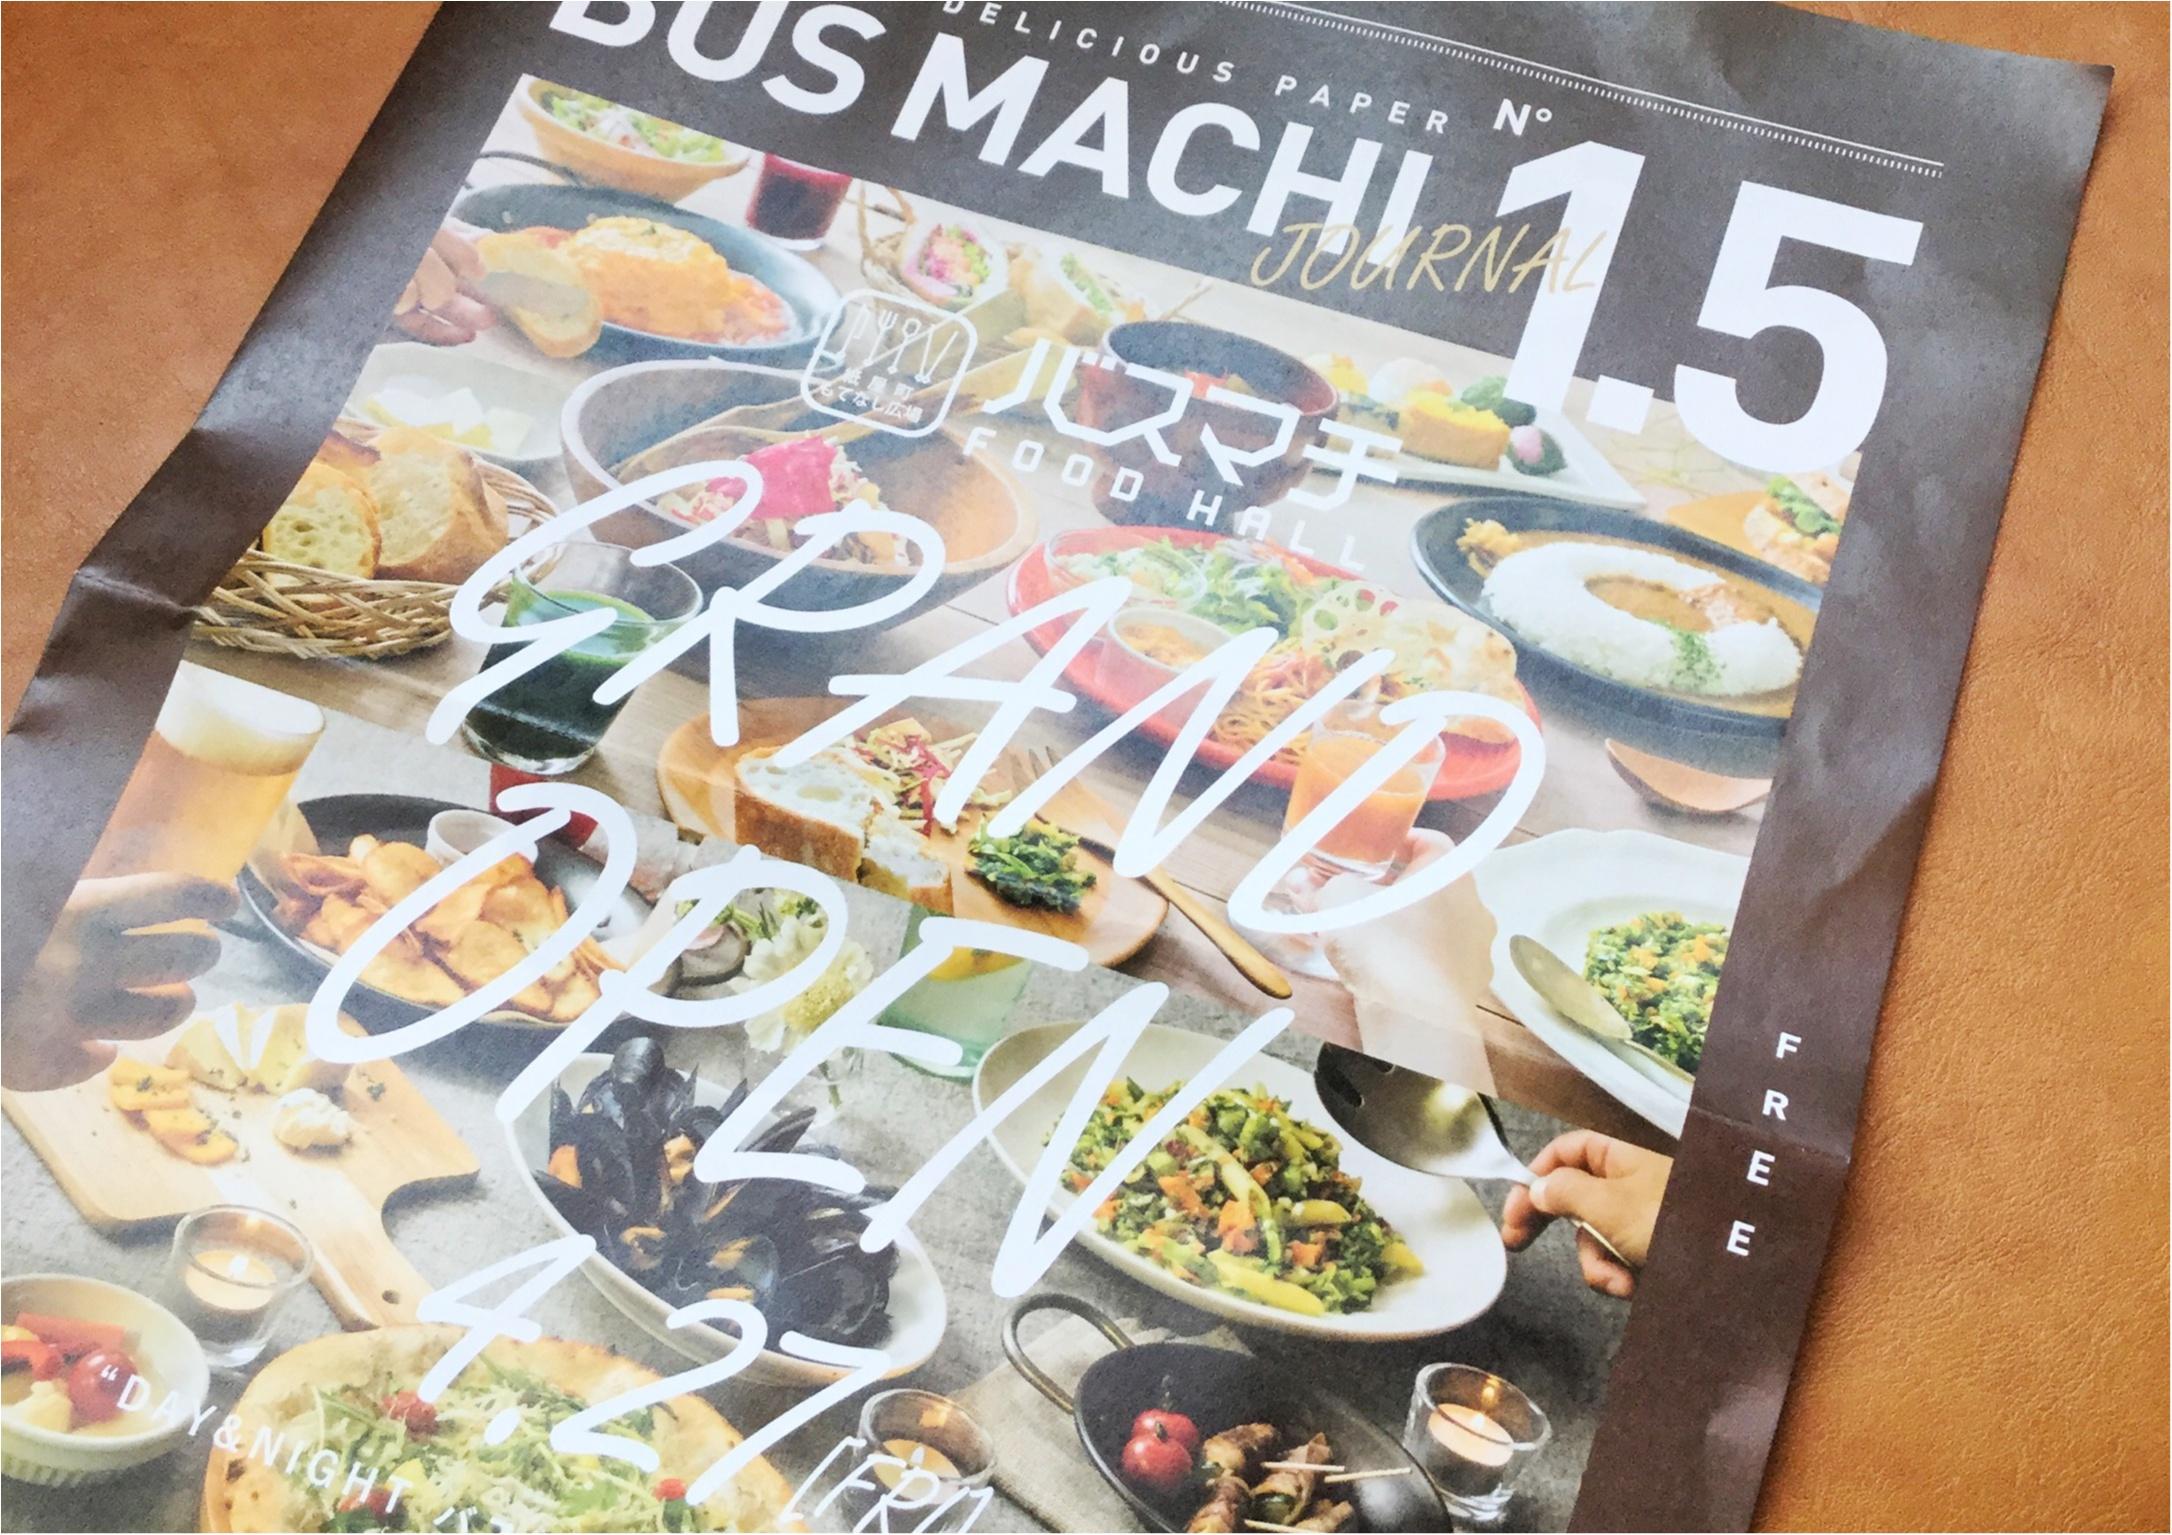 4/27広島バスセンターが変わります!《バスマチ FOOD  HALL》がグランドオープン♡美味しいご飯を食べた後は、広島ならではの手土産も買って帰りませんか?_1